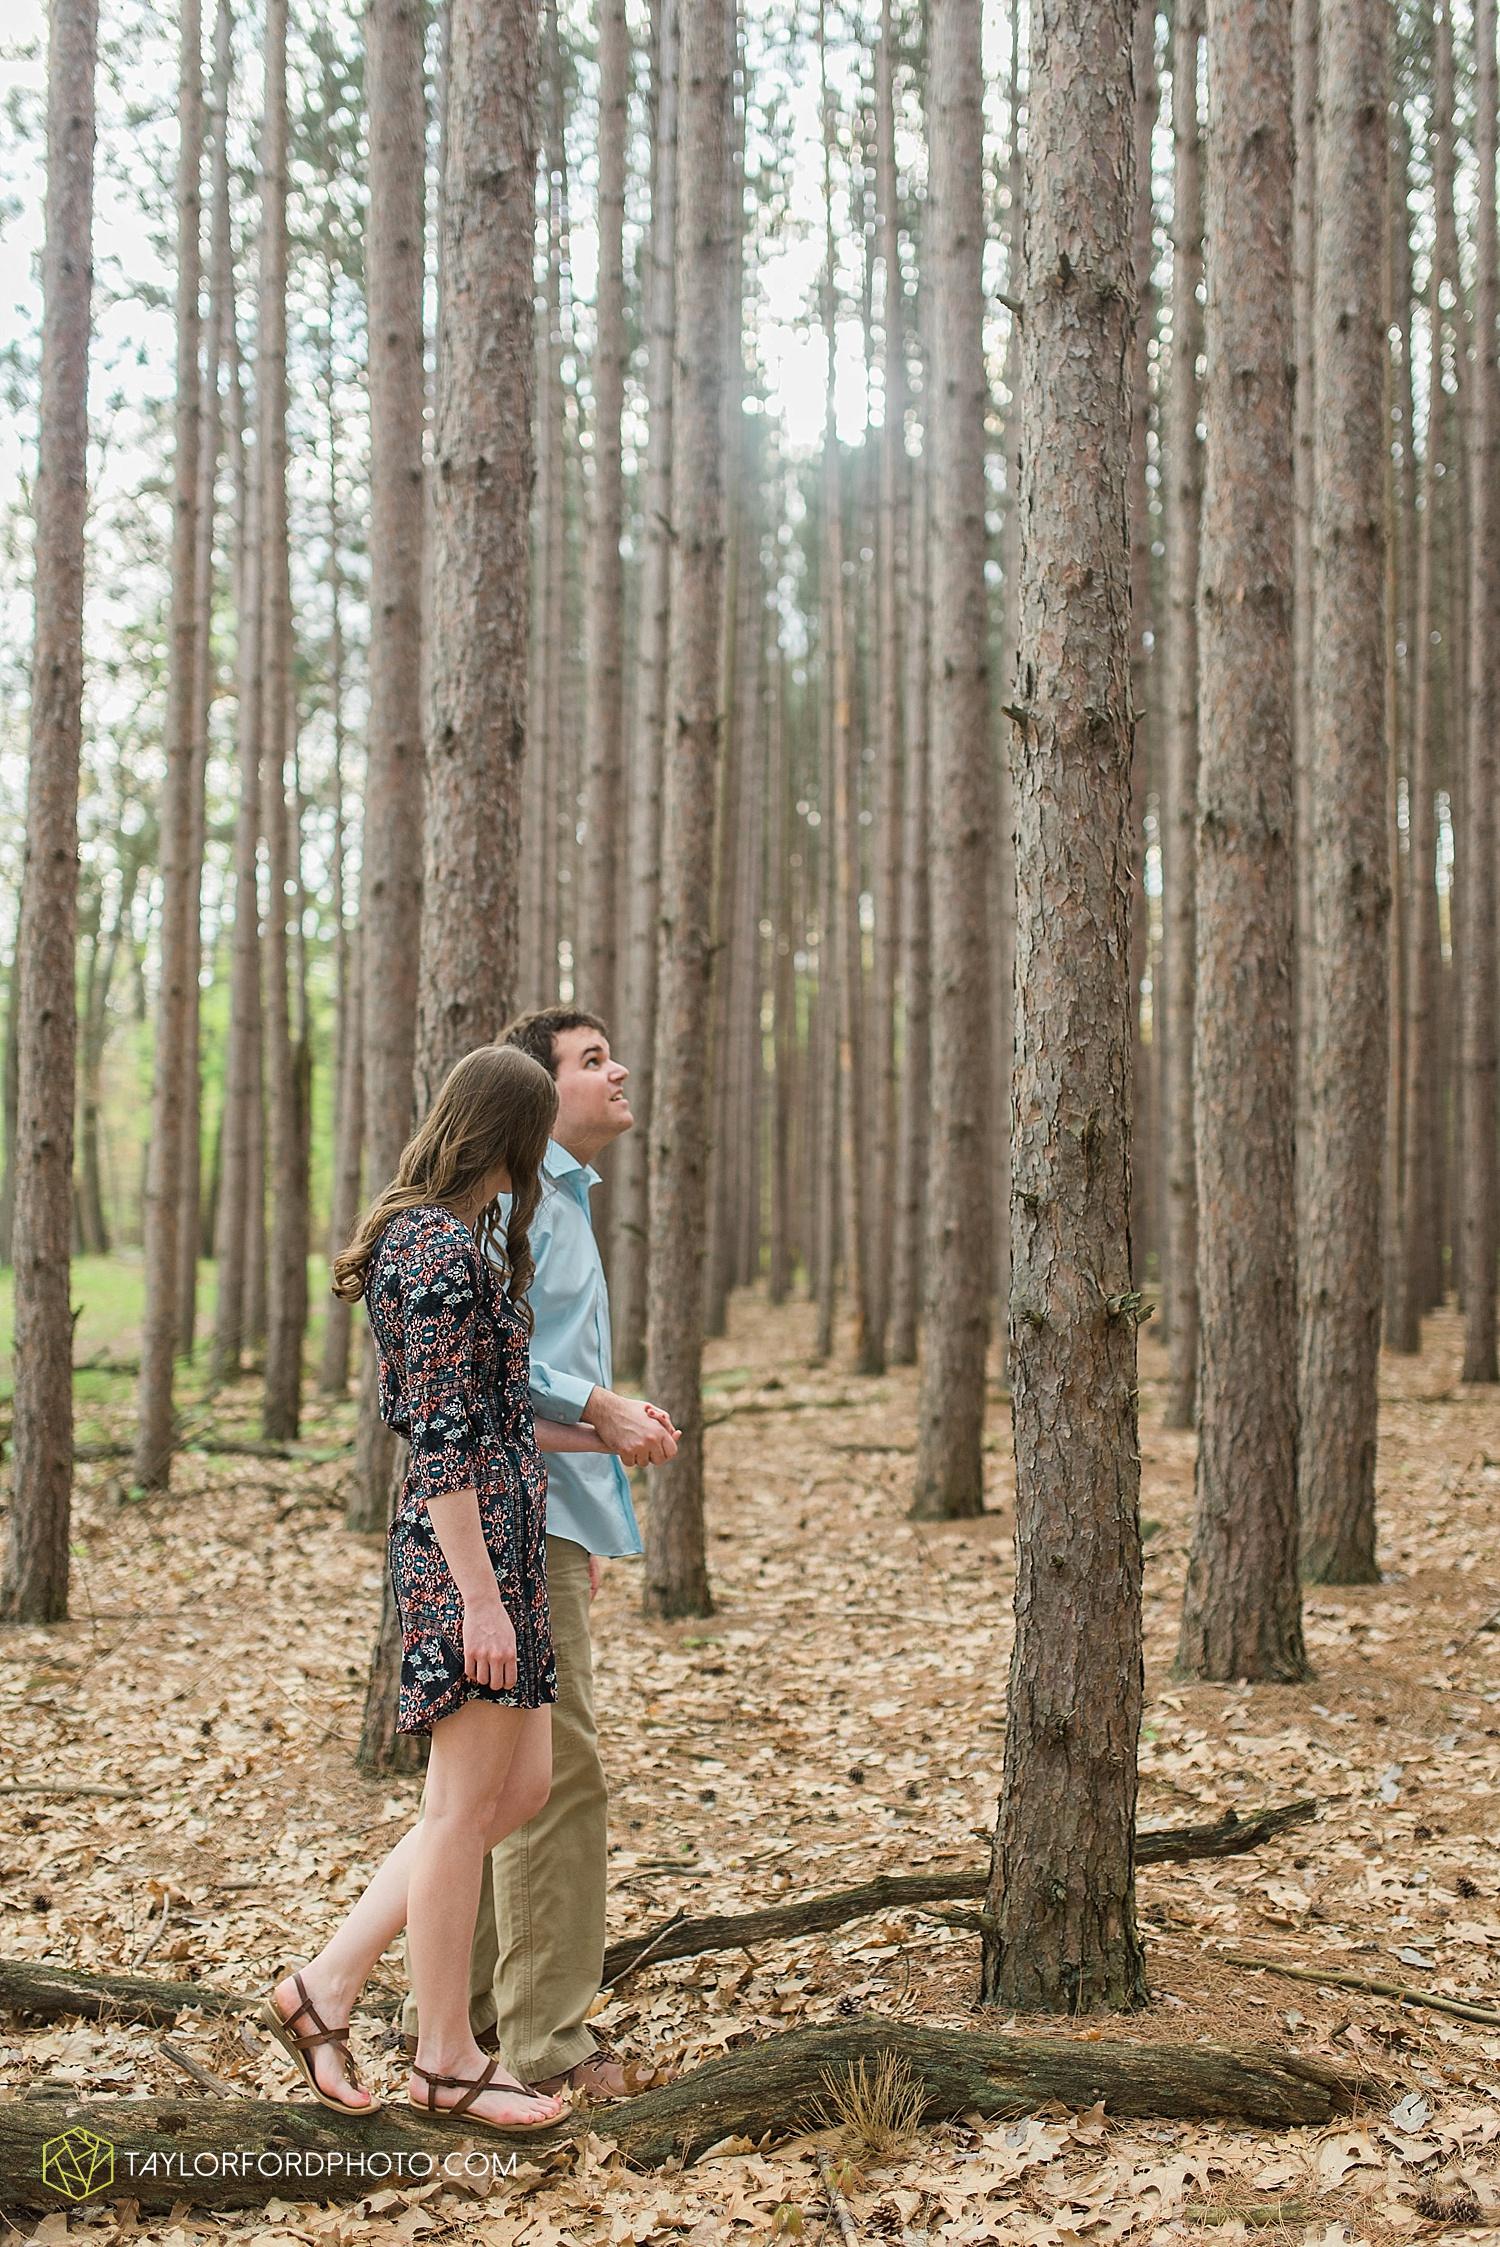 toledo-ohio-engagement-wedding-photographer-taylor-ford-photography-oaks-opening-metro-park-botanical-gardens27.jpg